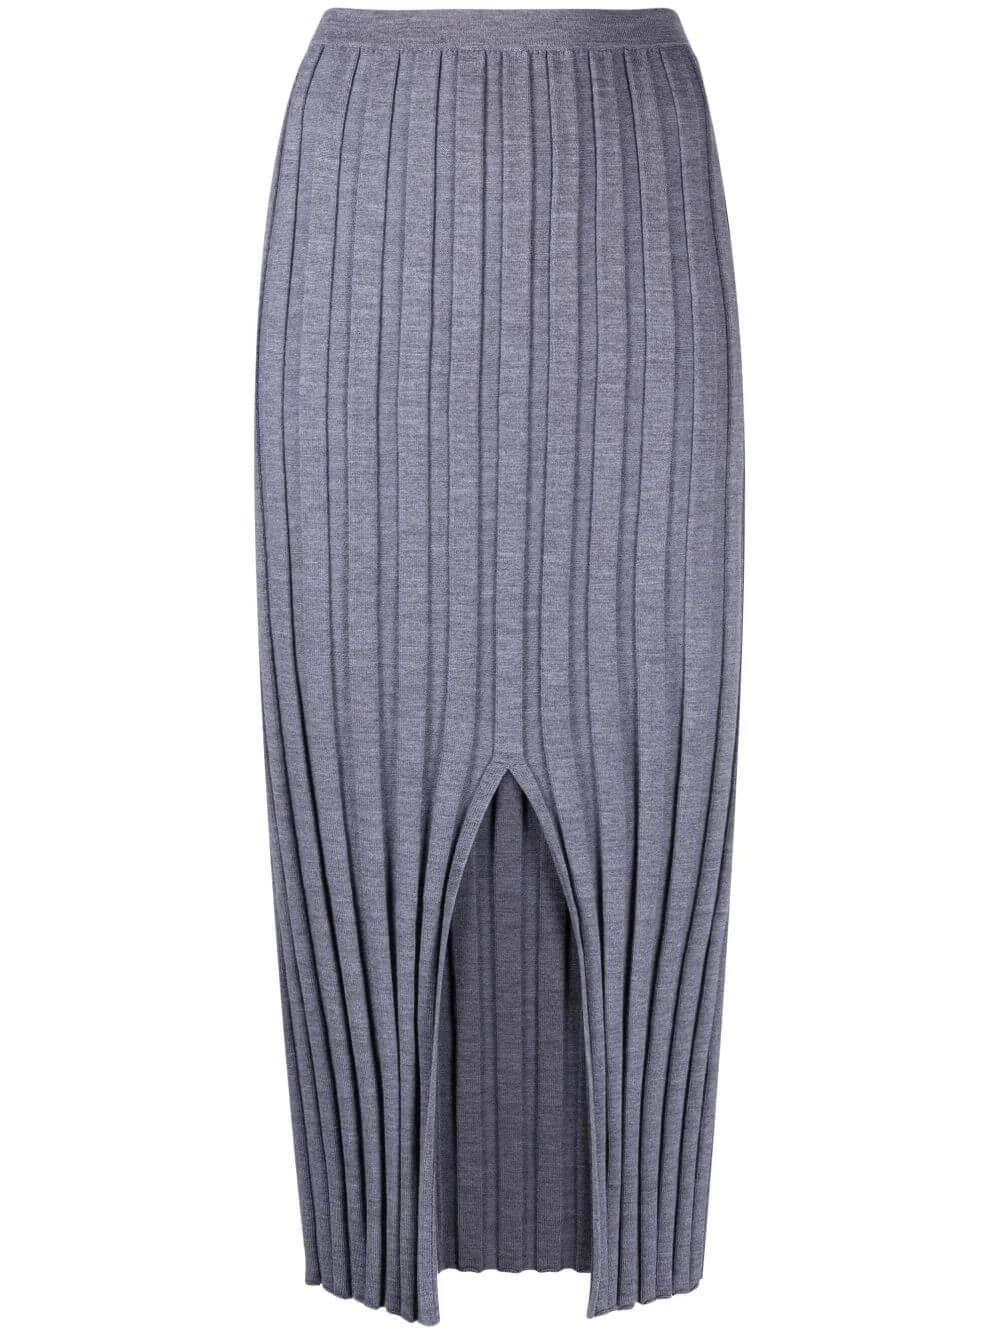 Wide Rib Knit Midi Skirt Item # L0711719